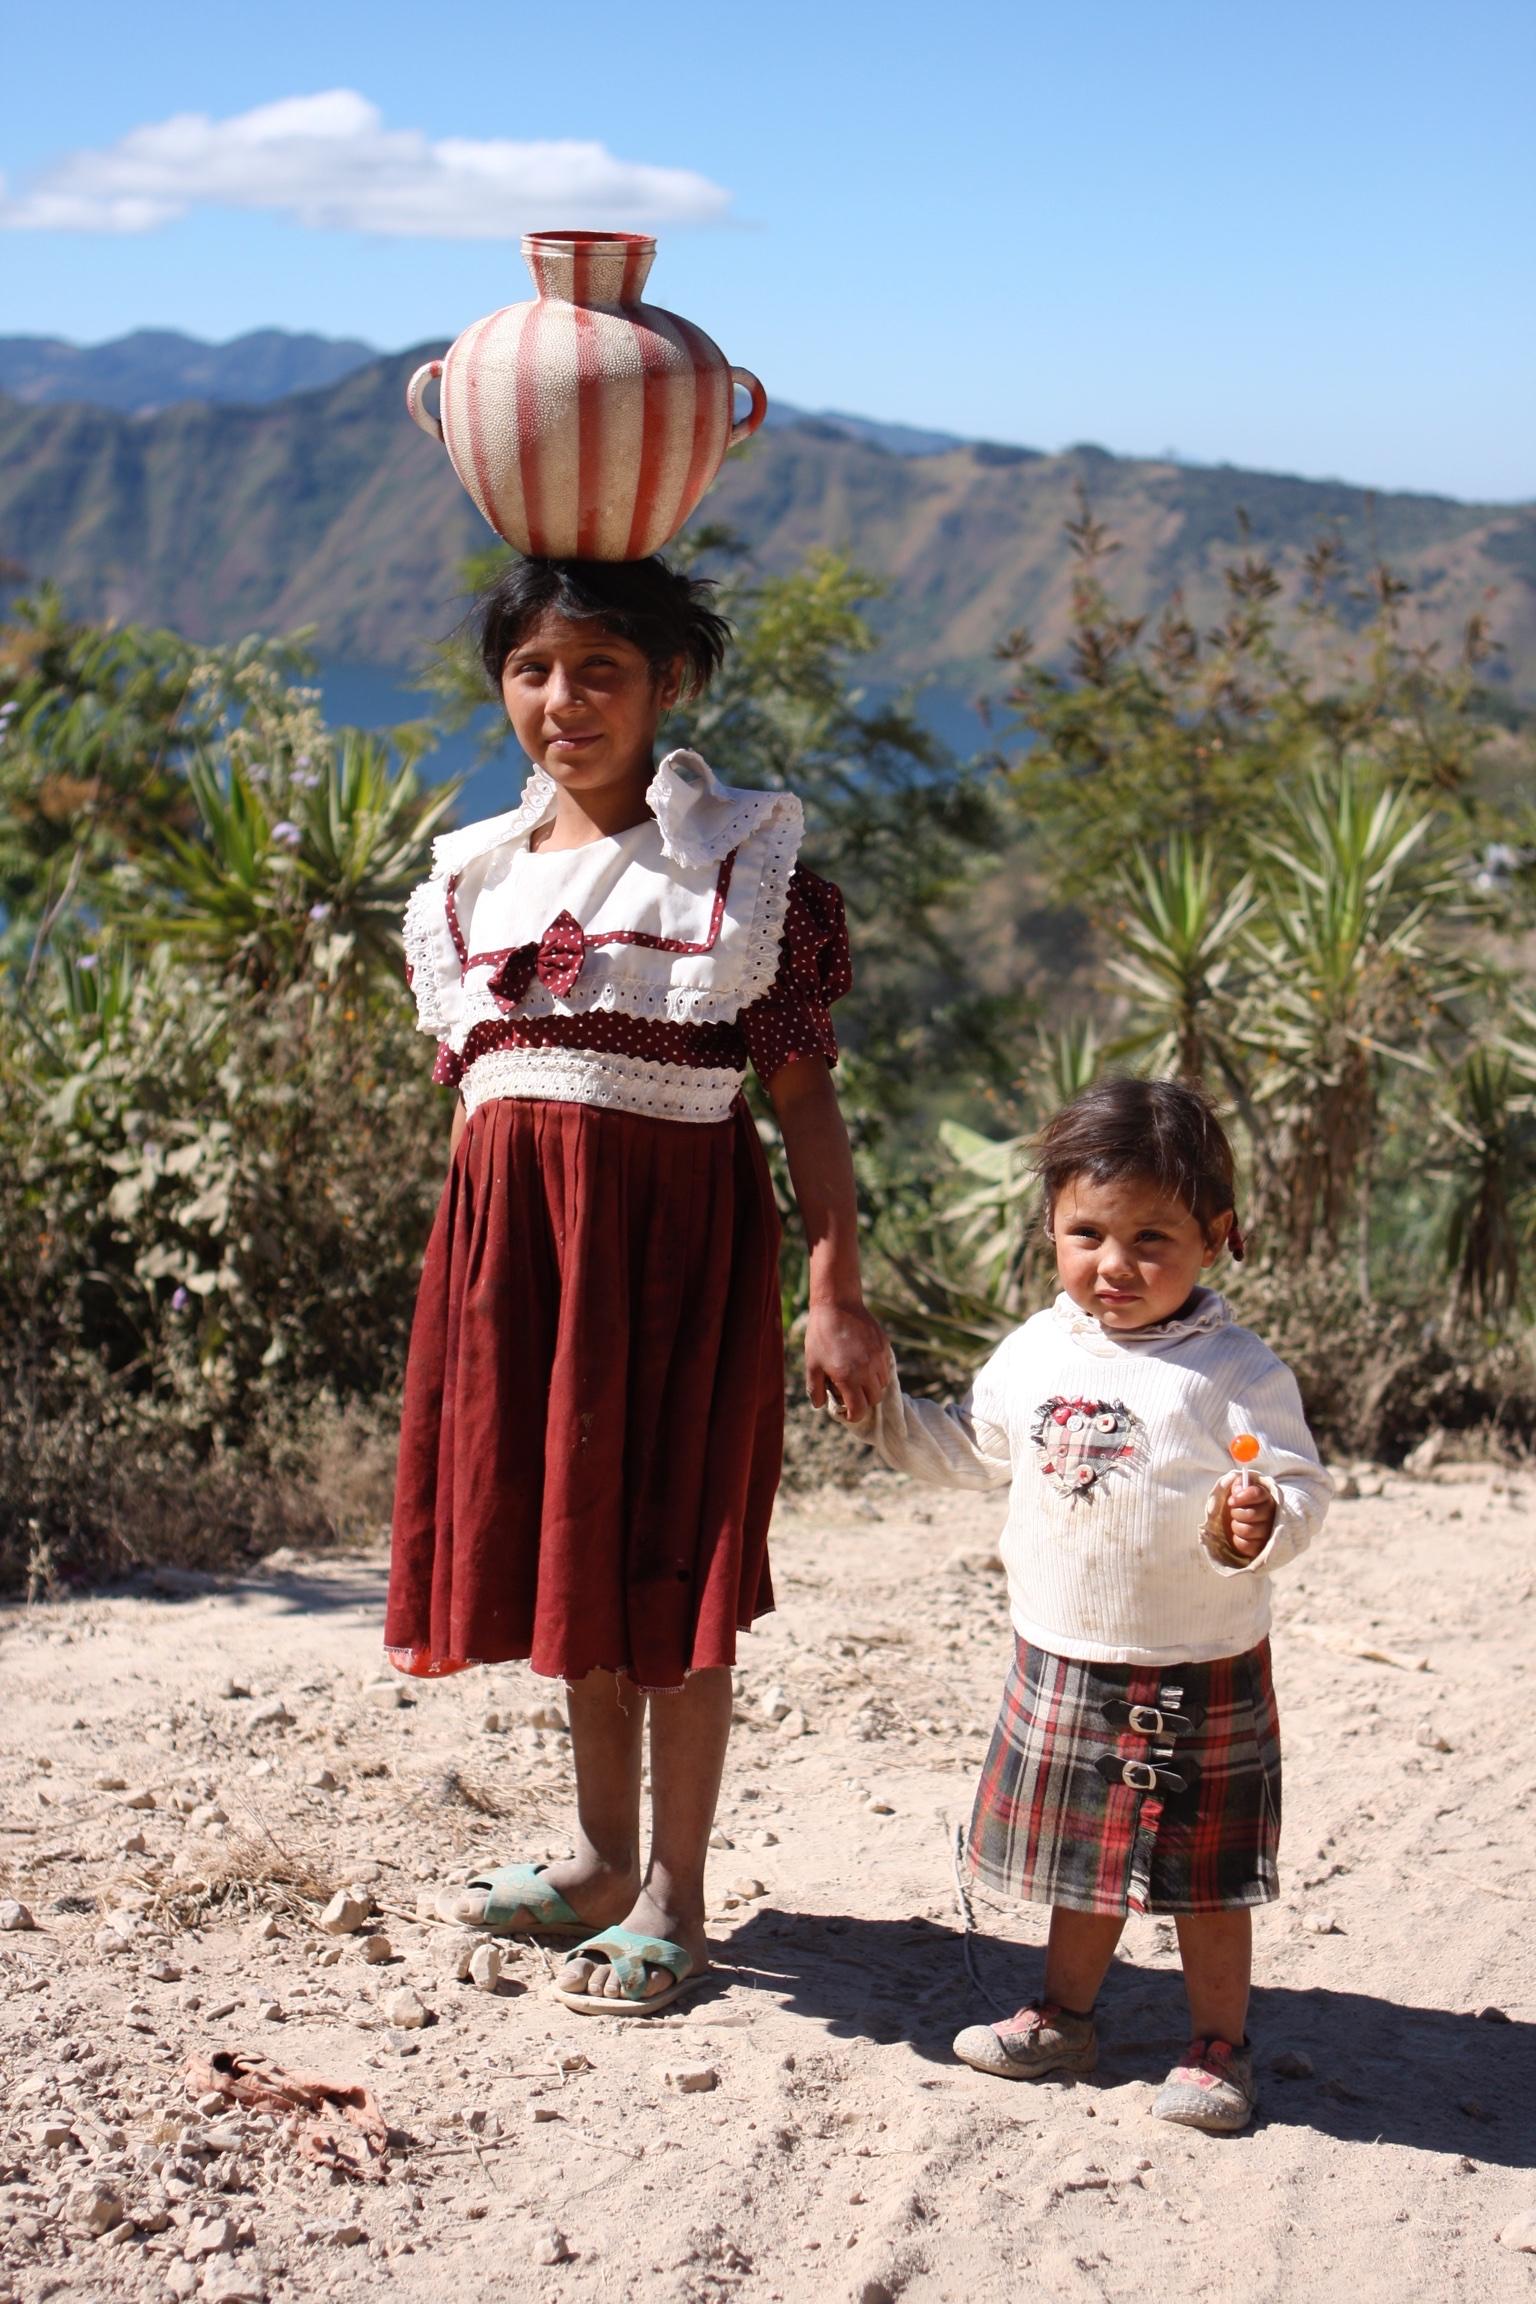 children in desert, older sister carrying pot on head, younger sister holding orange lollipop